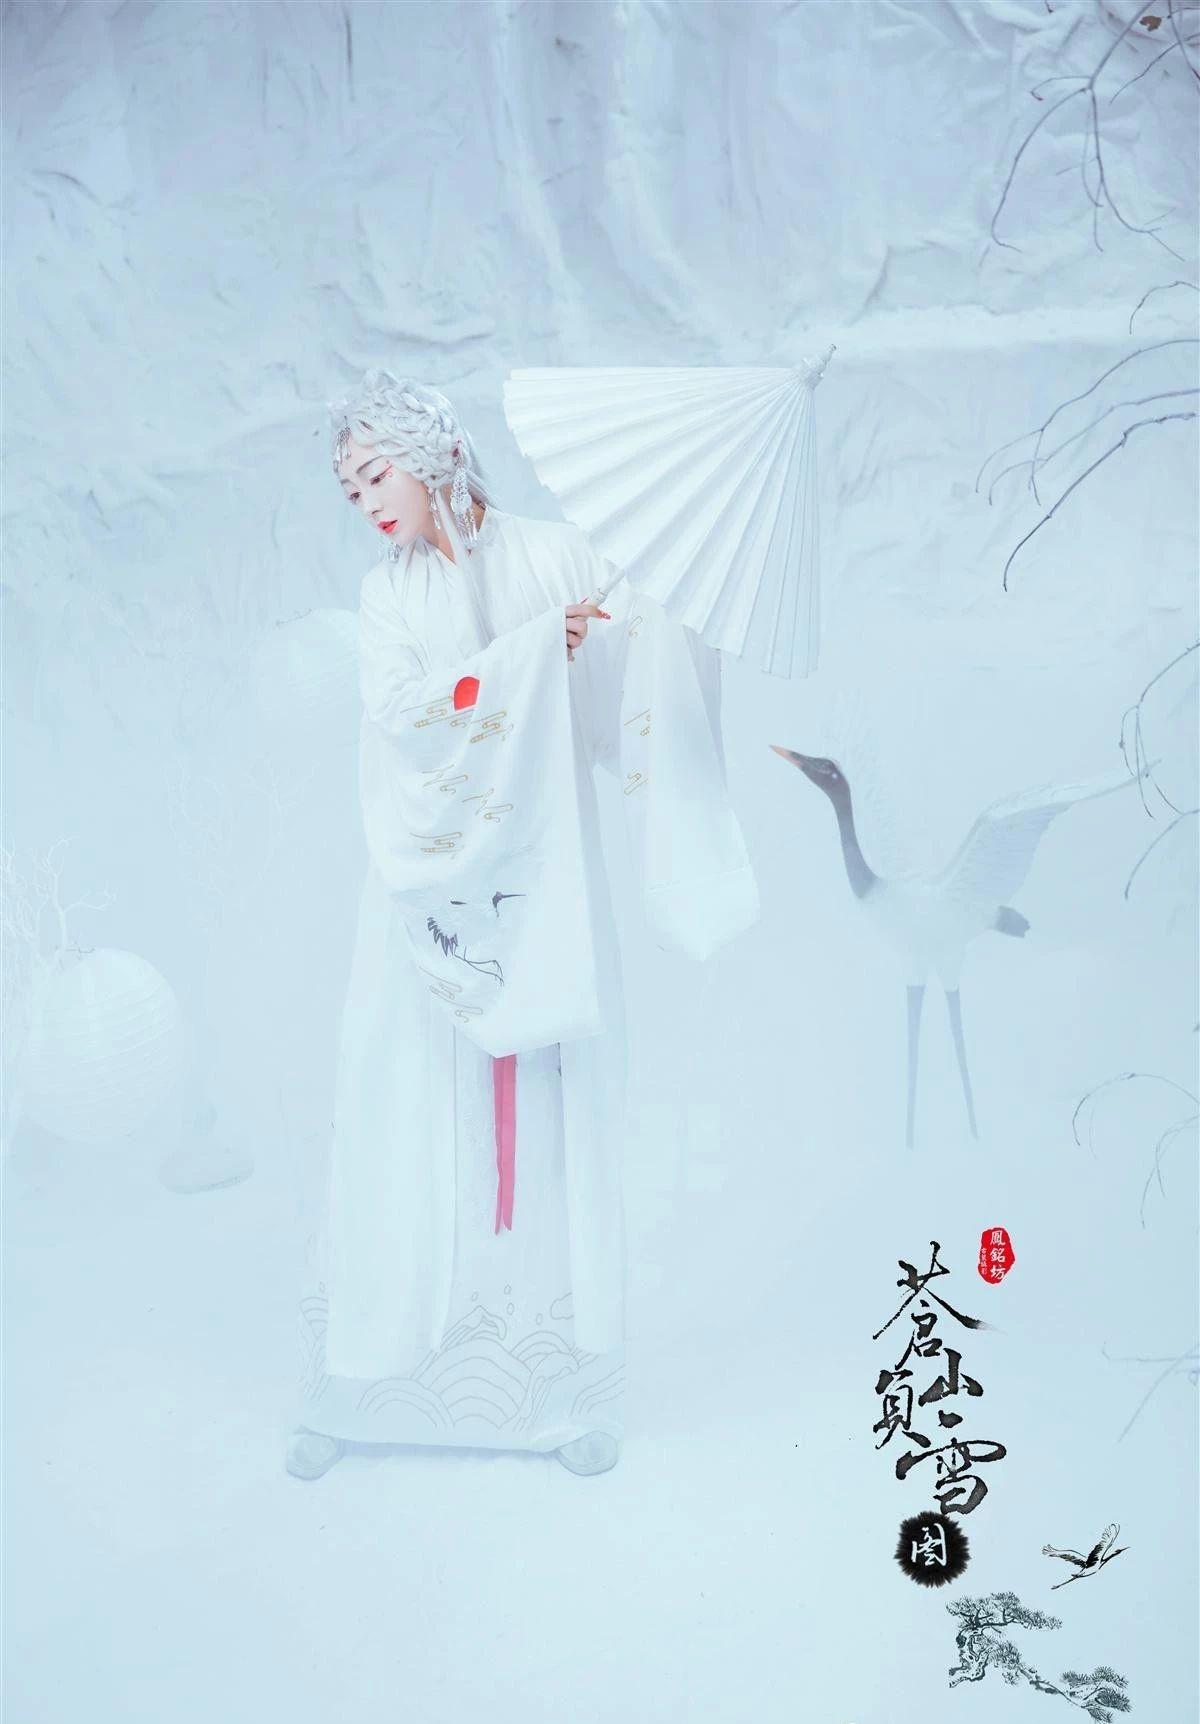 苍山负雪_苍山负雪图·古装人像摄影- 中国风